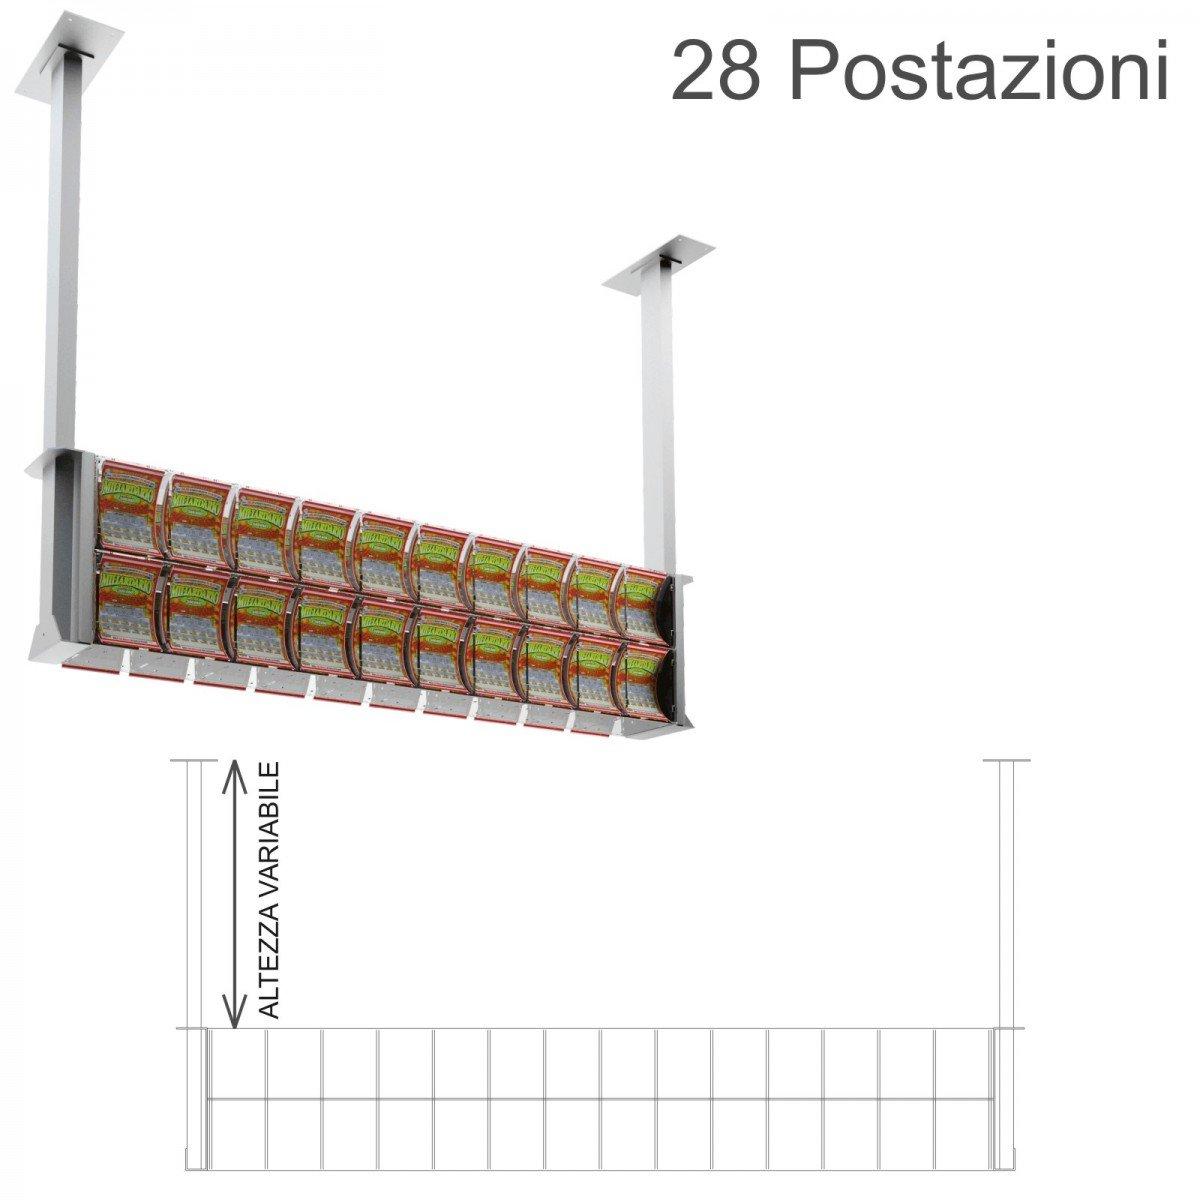 Espositore gratta e vinci da soffitto in plexiglass trasparente a 28 contenitori munito di sportellino frontale lato rivenditore